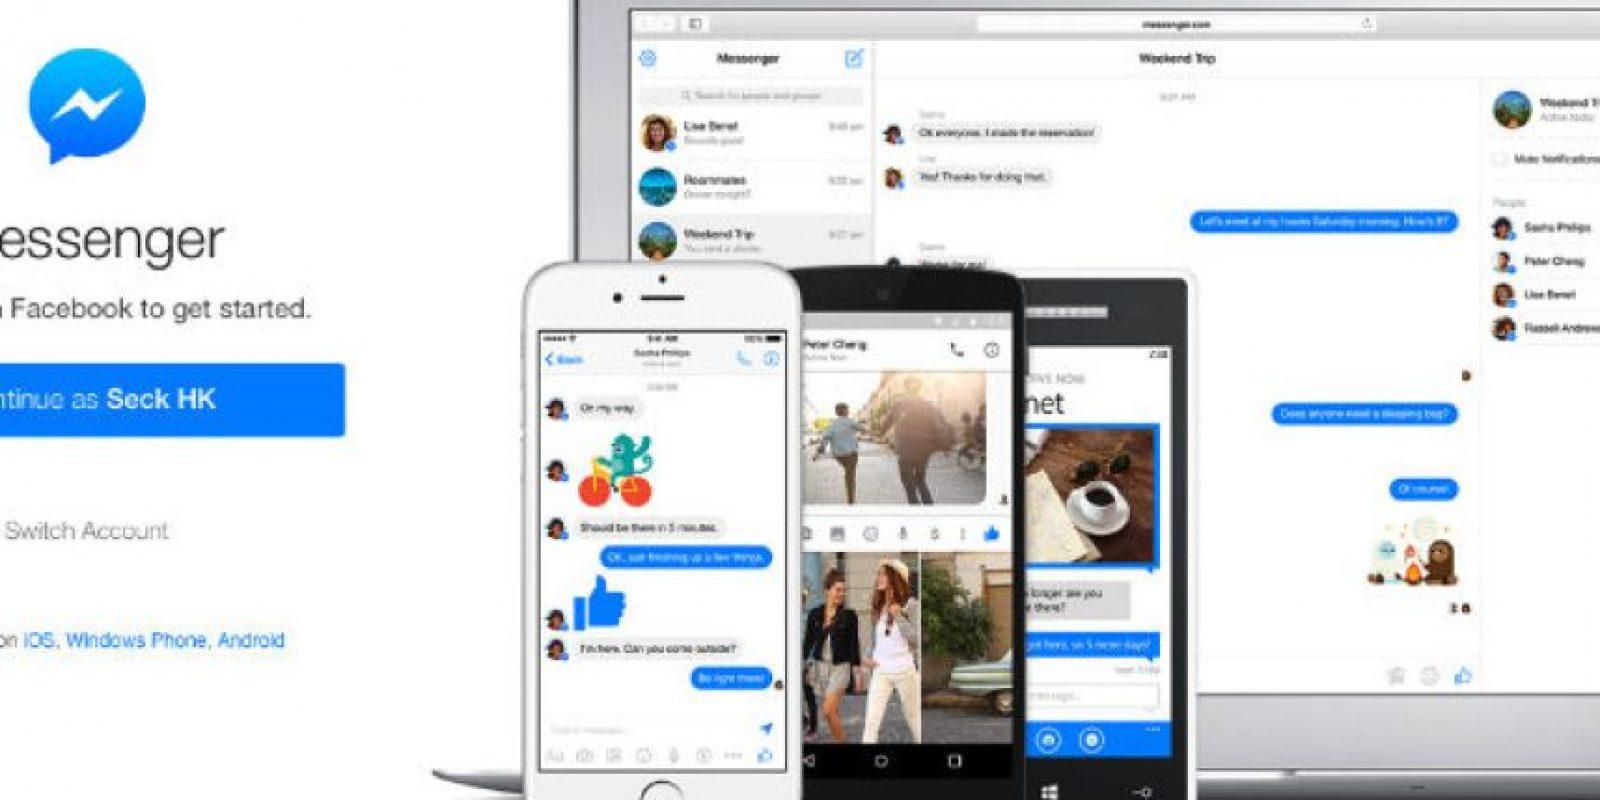 Recuerden que ya pueden ingresar a esta app desde su computadora con el cliente web de Messenger Foto:Facebook